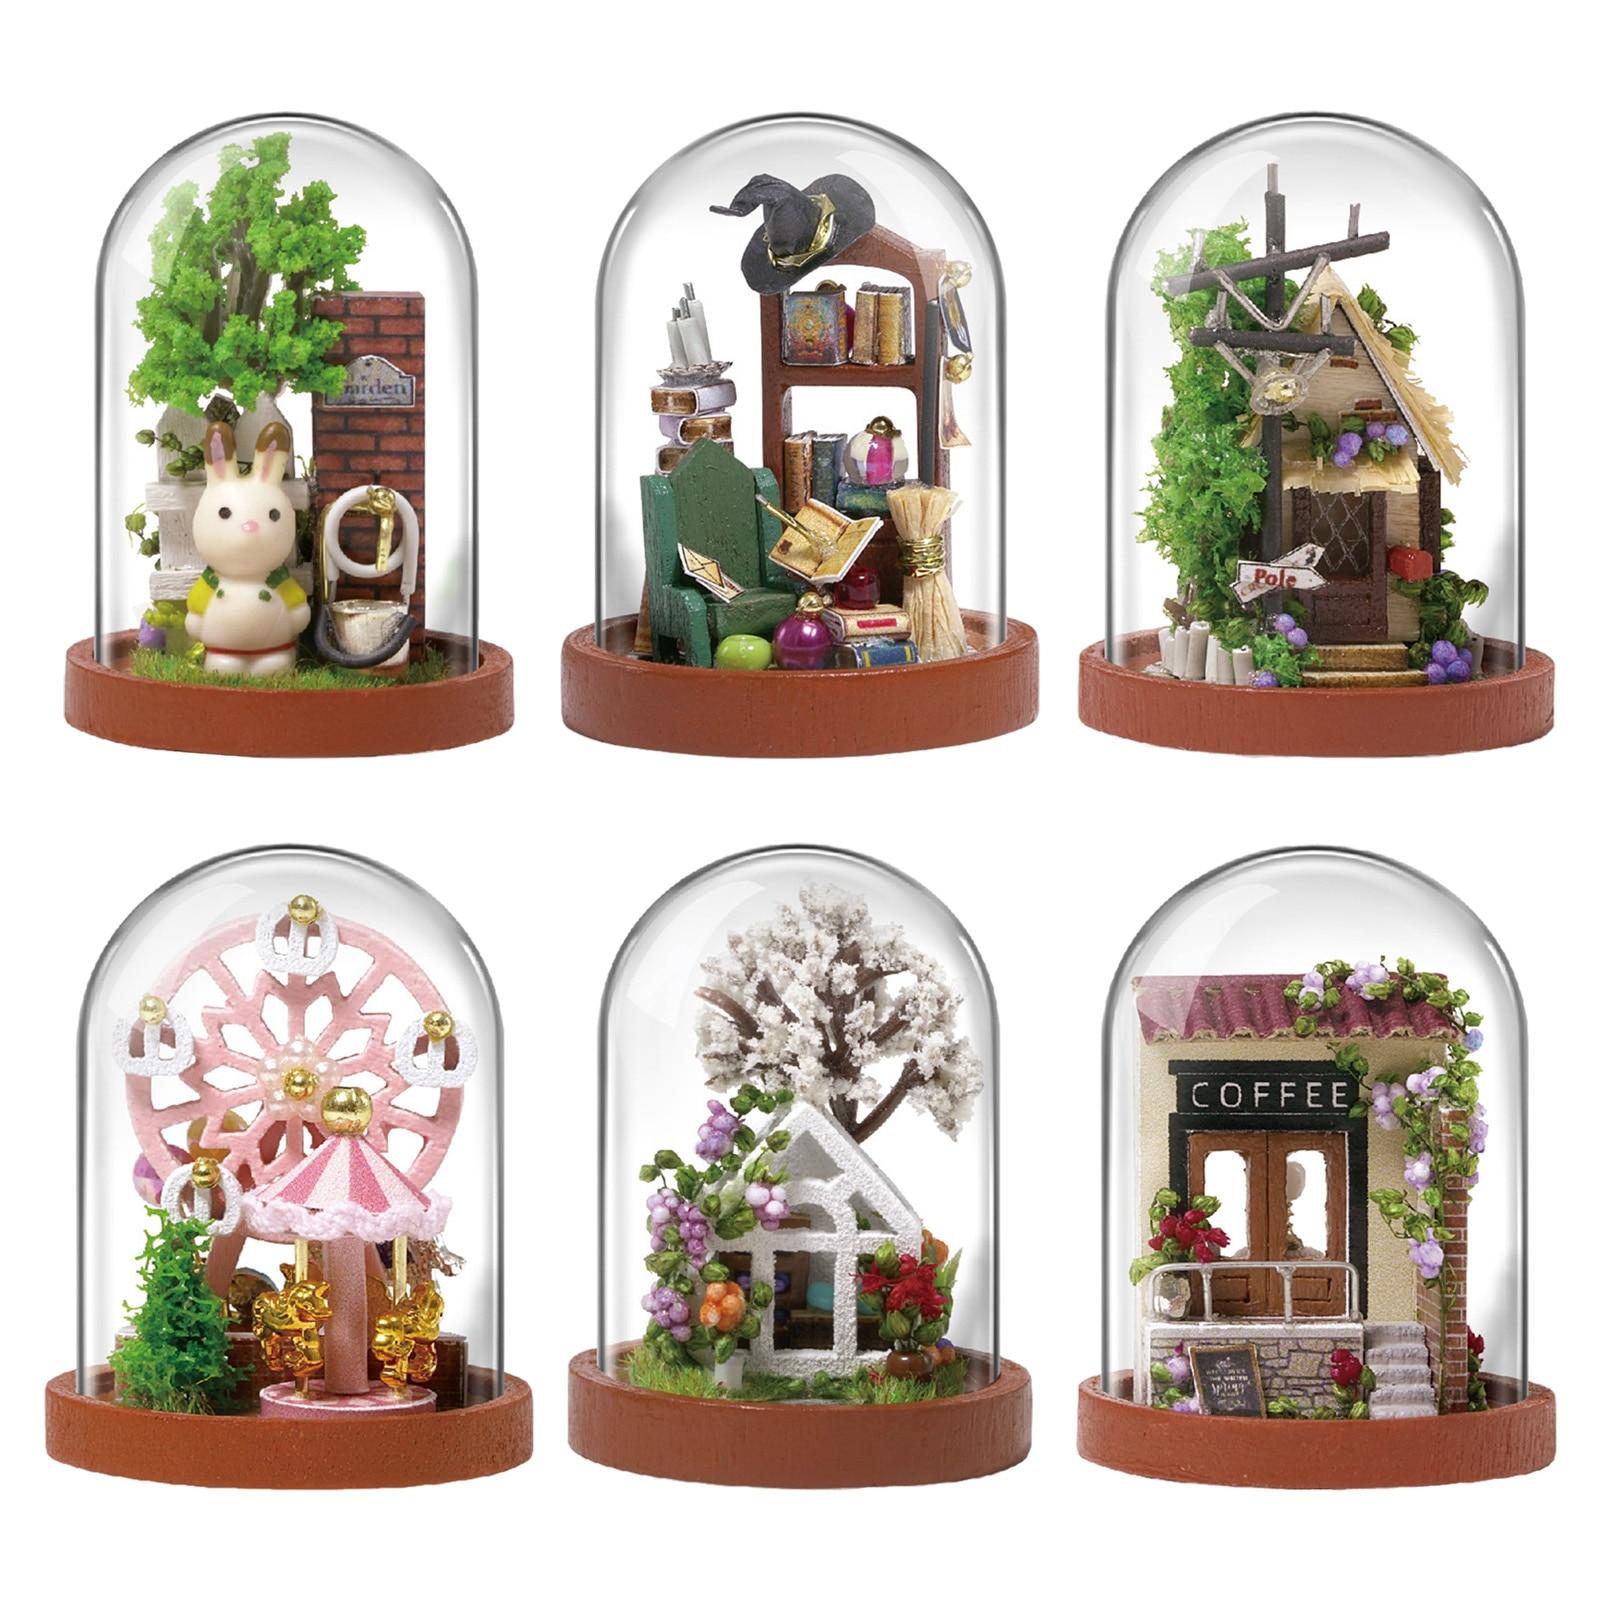 Миниатюрный набор и игрушки для кукольного домика «сделай сам», деревянная мебель для кукольного домика С Пылезащитным чехлом,